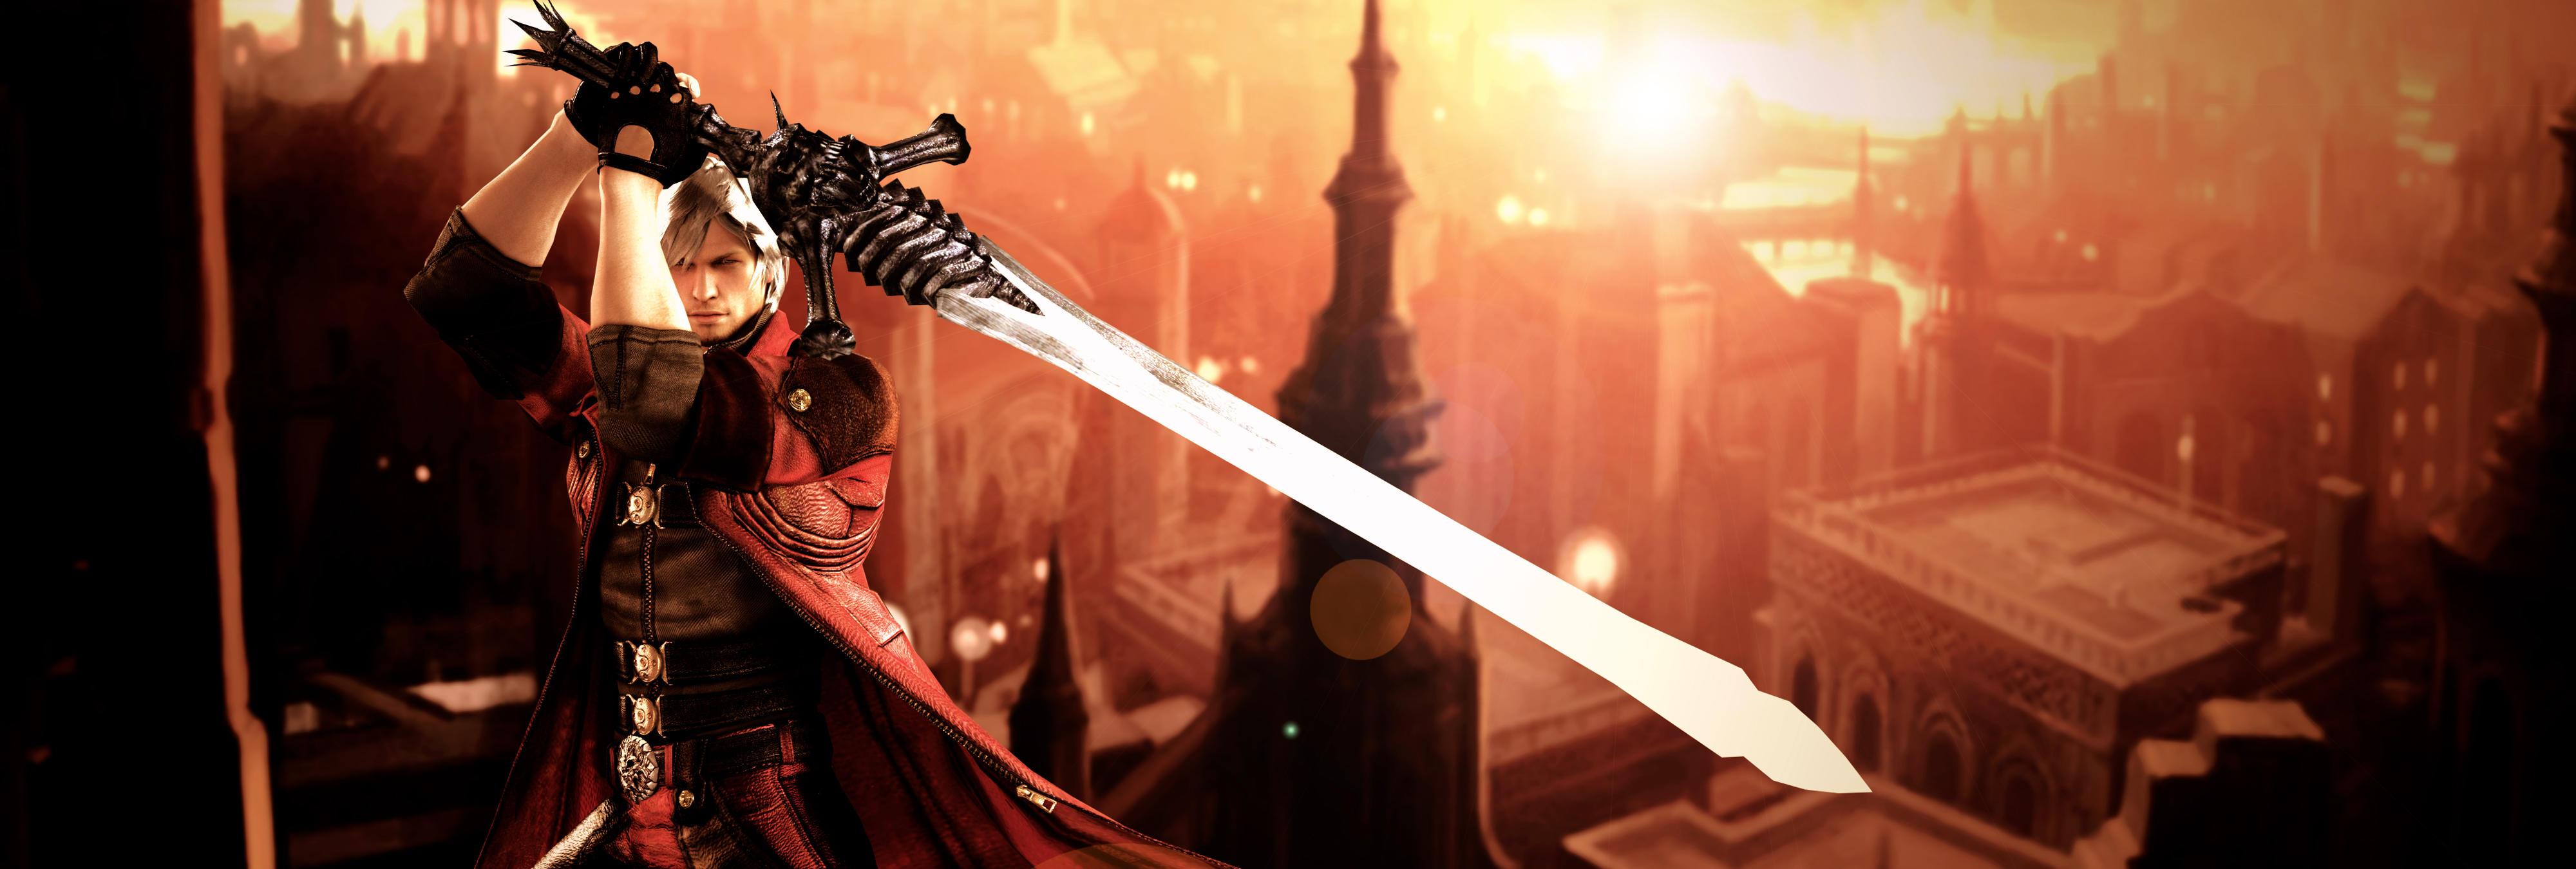 5 secuelas de videojuegos que avergonzaron incluso a su propia saga